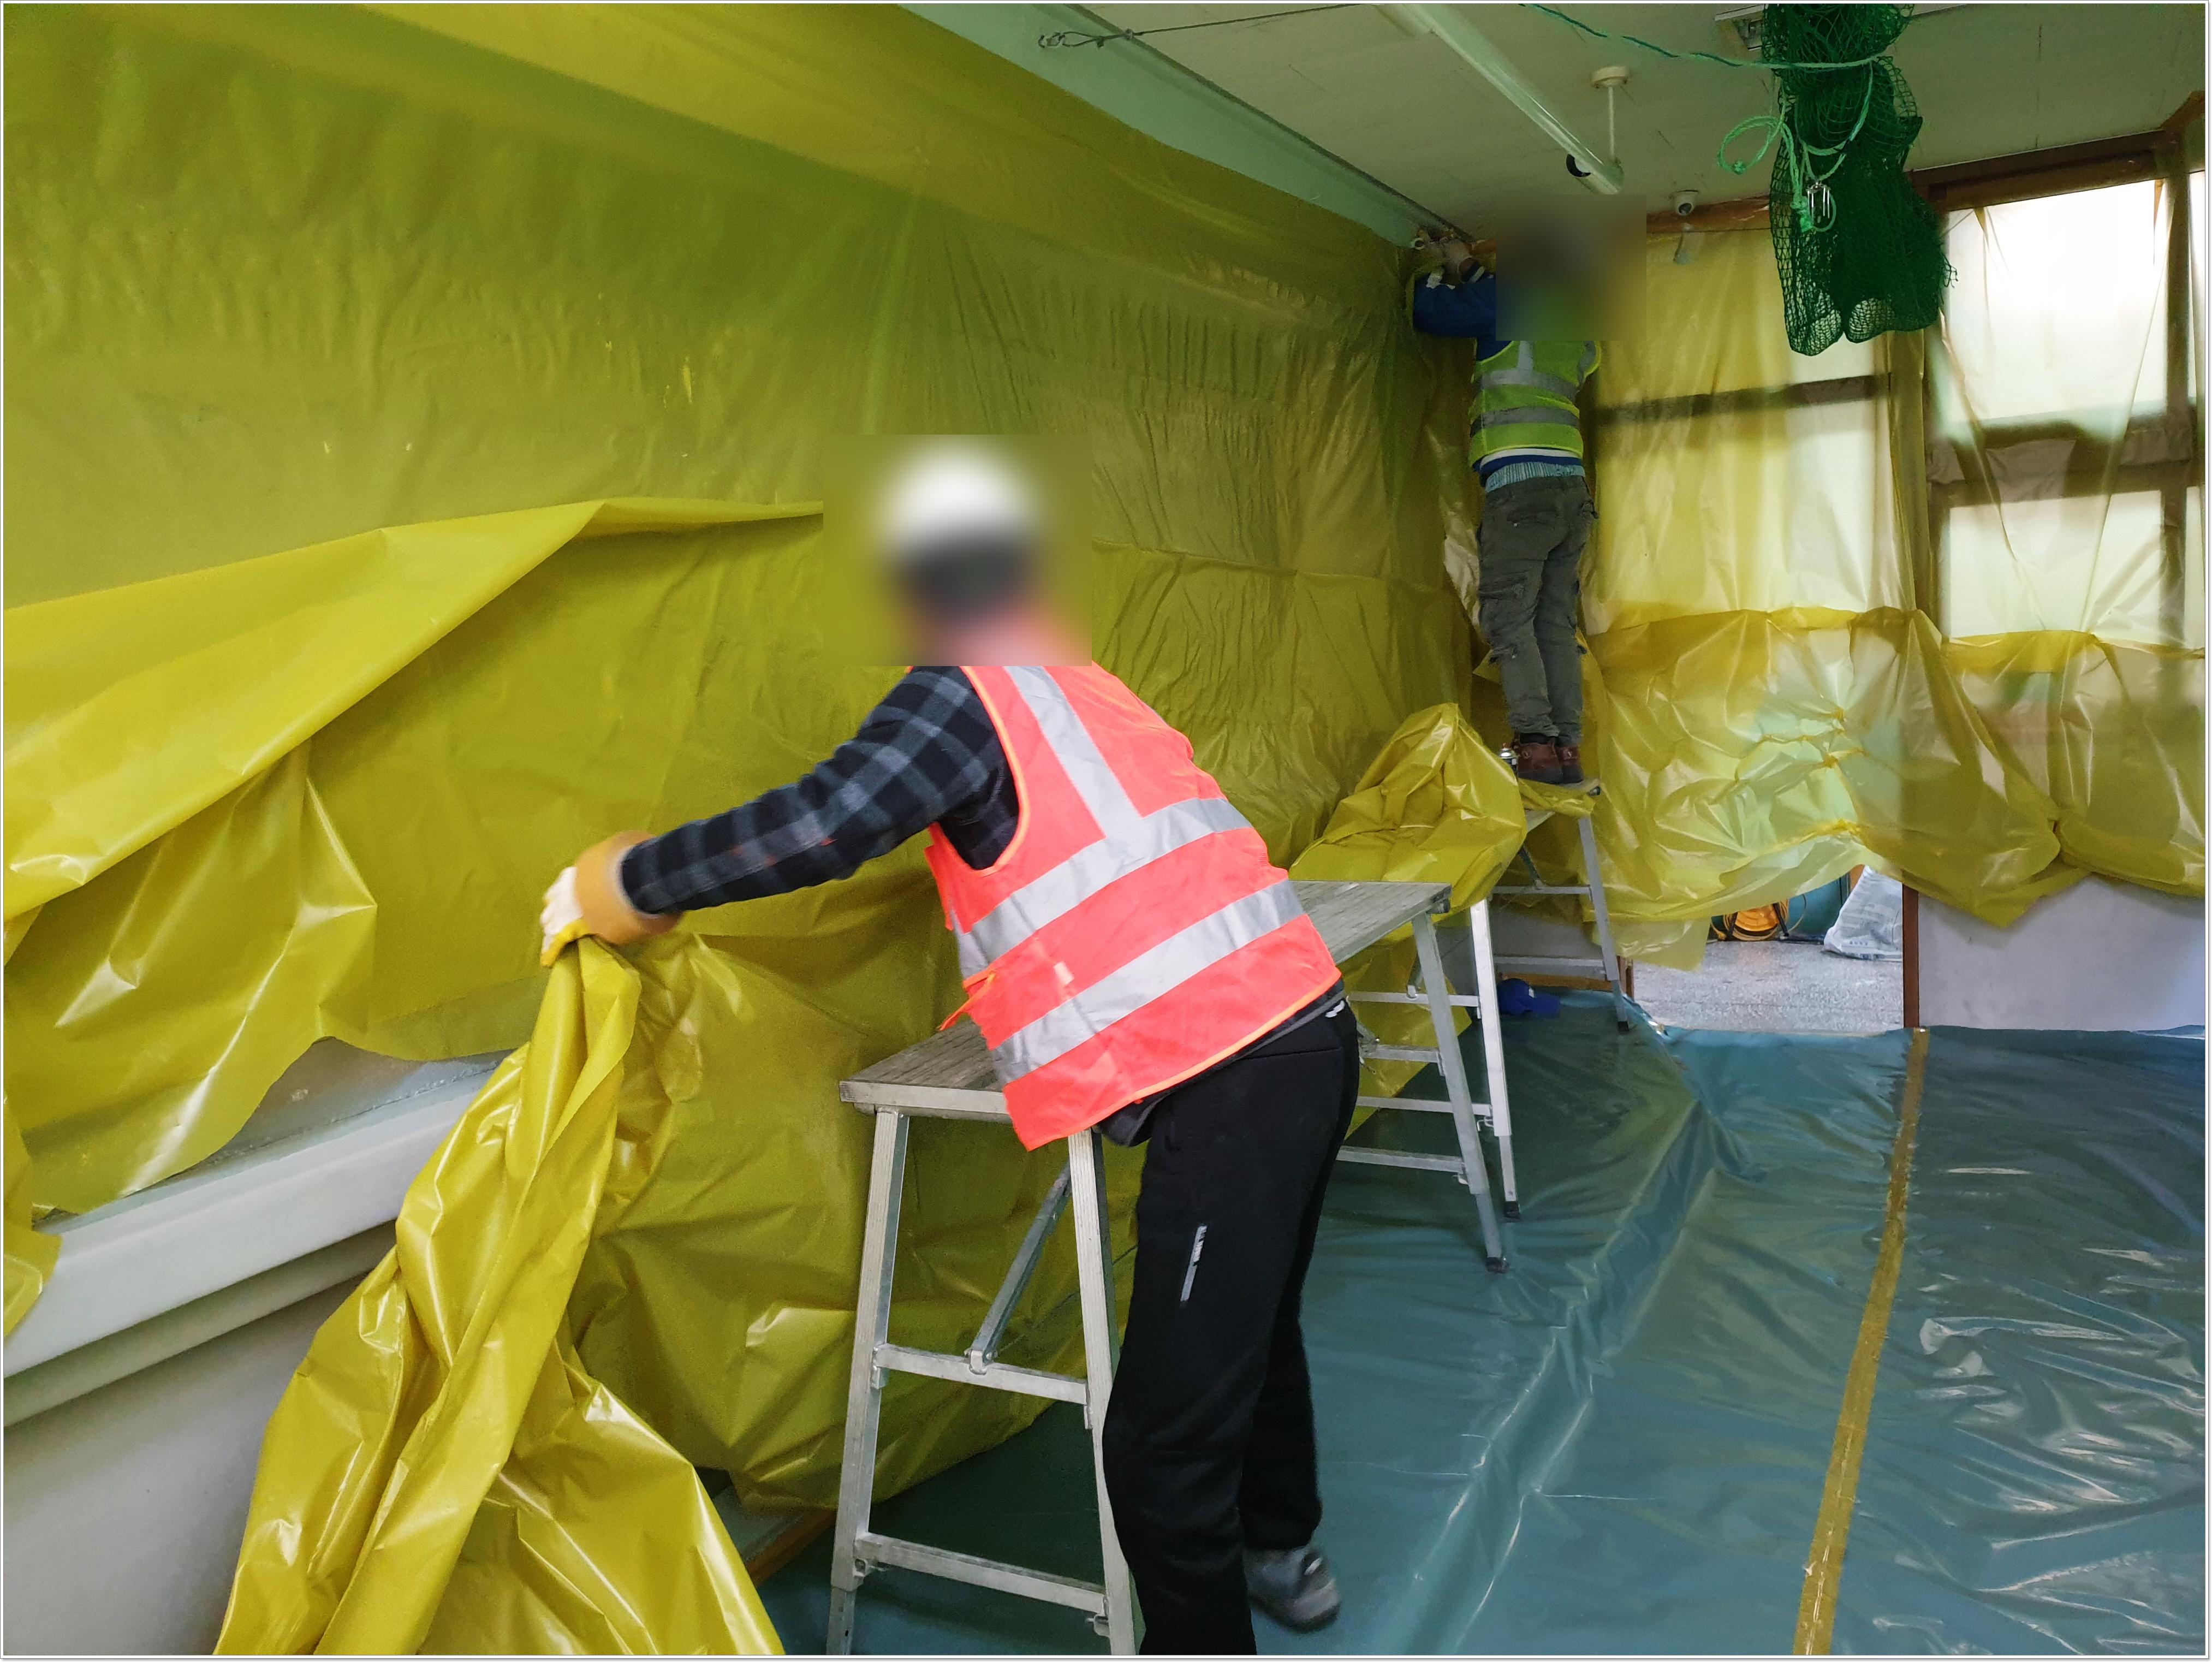 6 번째 사진  에  연면적 ㎡ 부산 중학교 석면해체 현장 (천장 텍스)